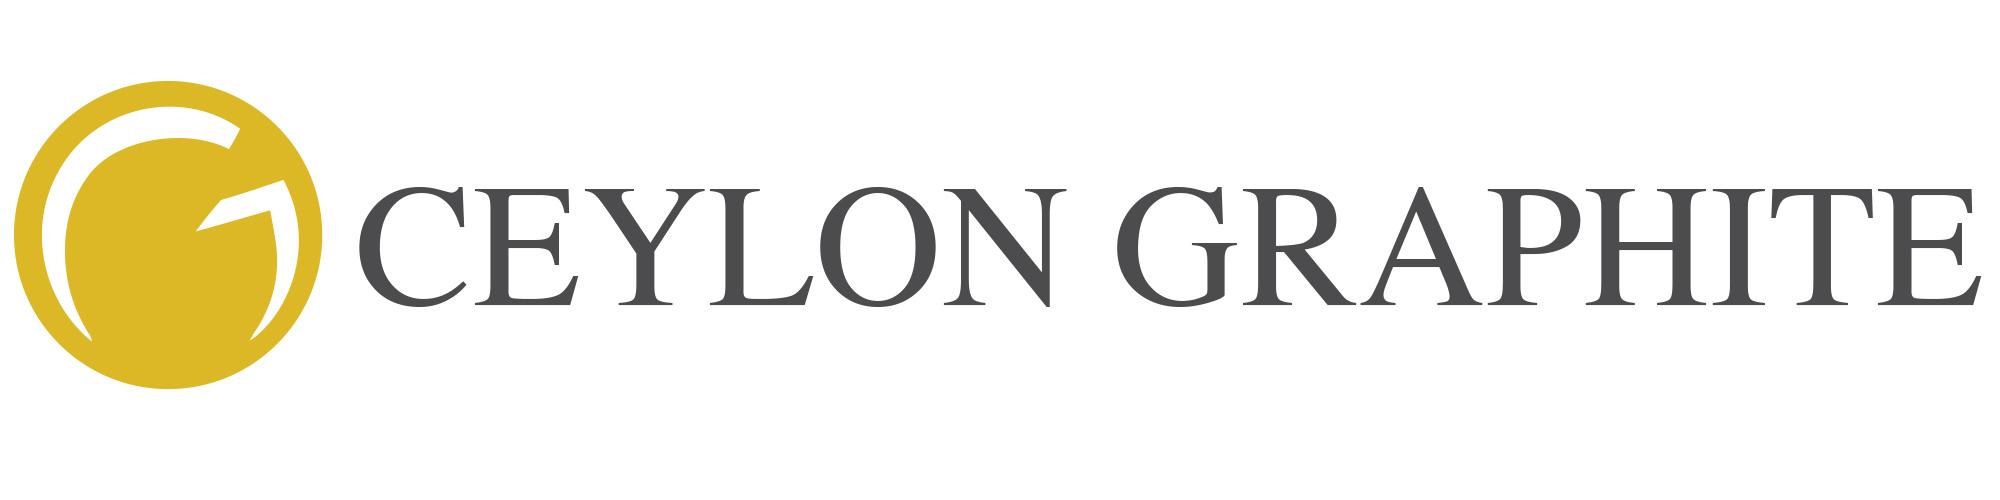 Ceylon Graphite – Sarcon Development's K1 Project Announces Commencement of Commercial Production